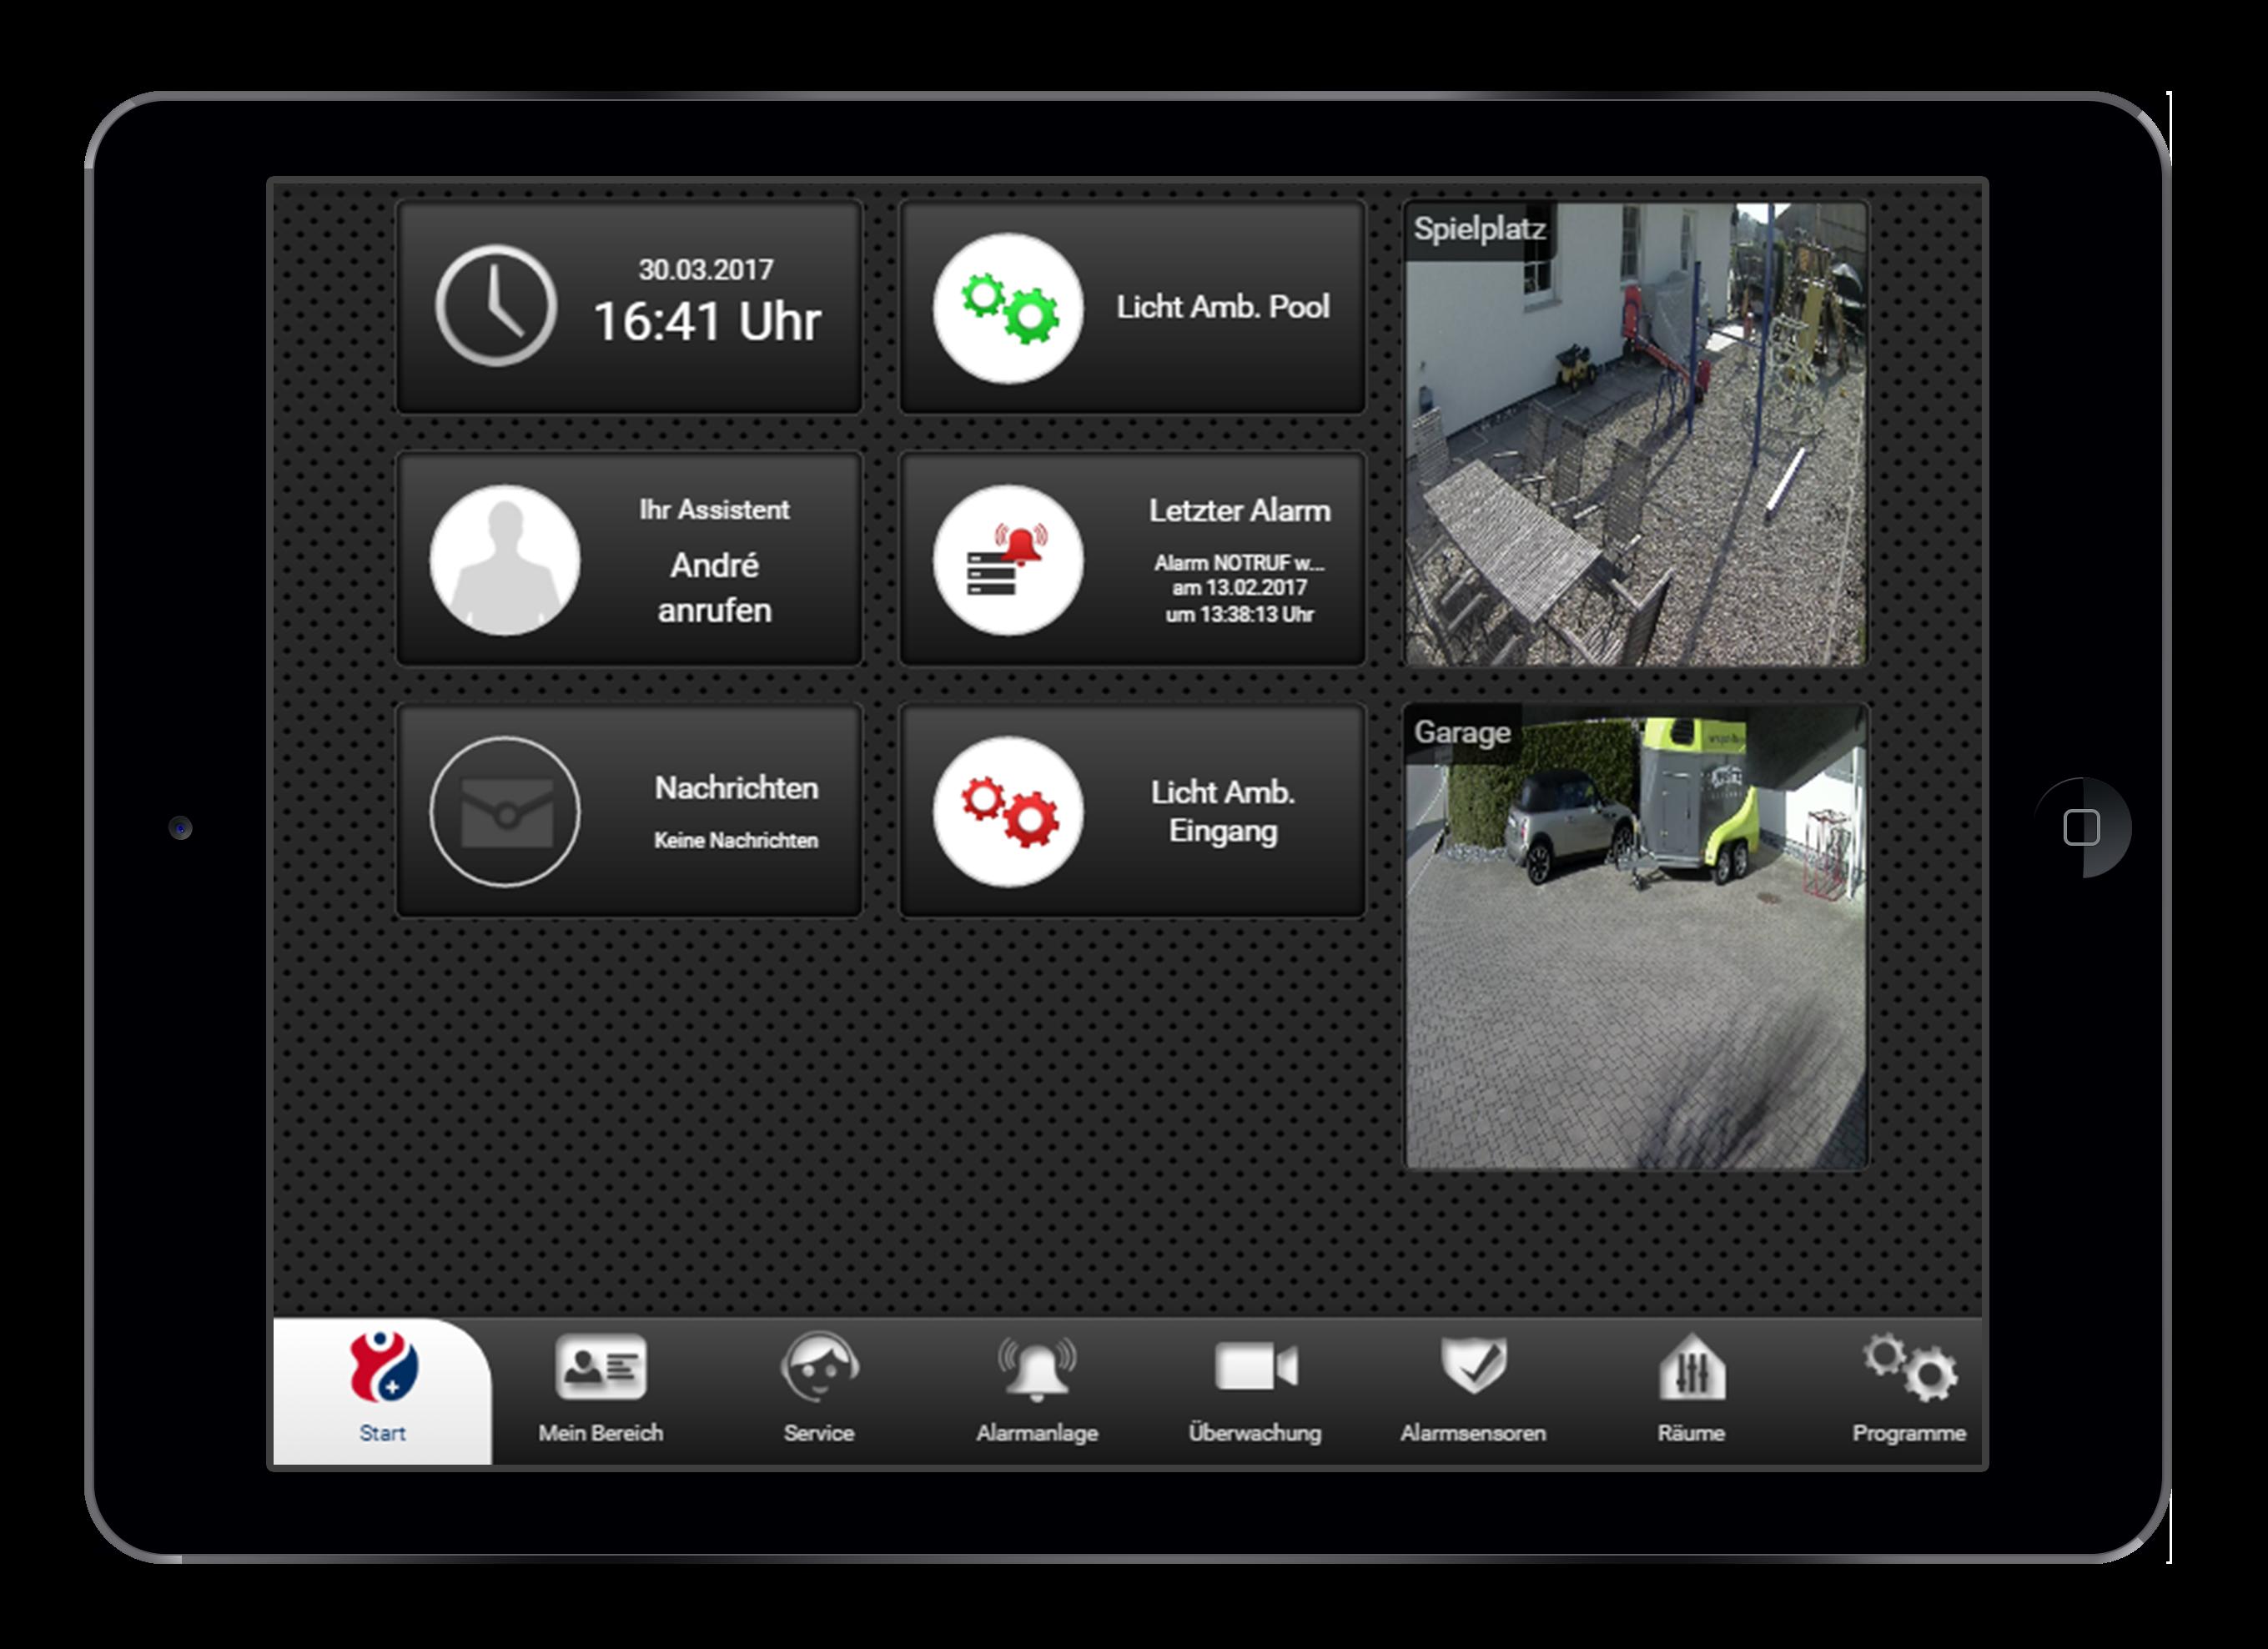 Design und Entwicklung konfigurierbares Dashboard in Smarthome App